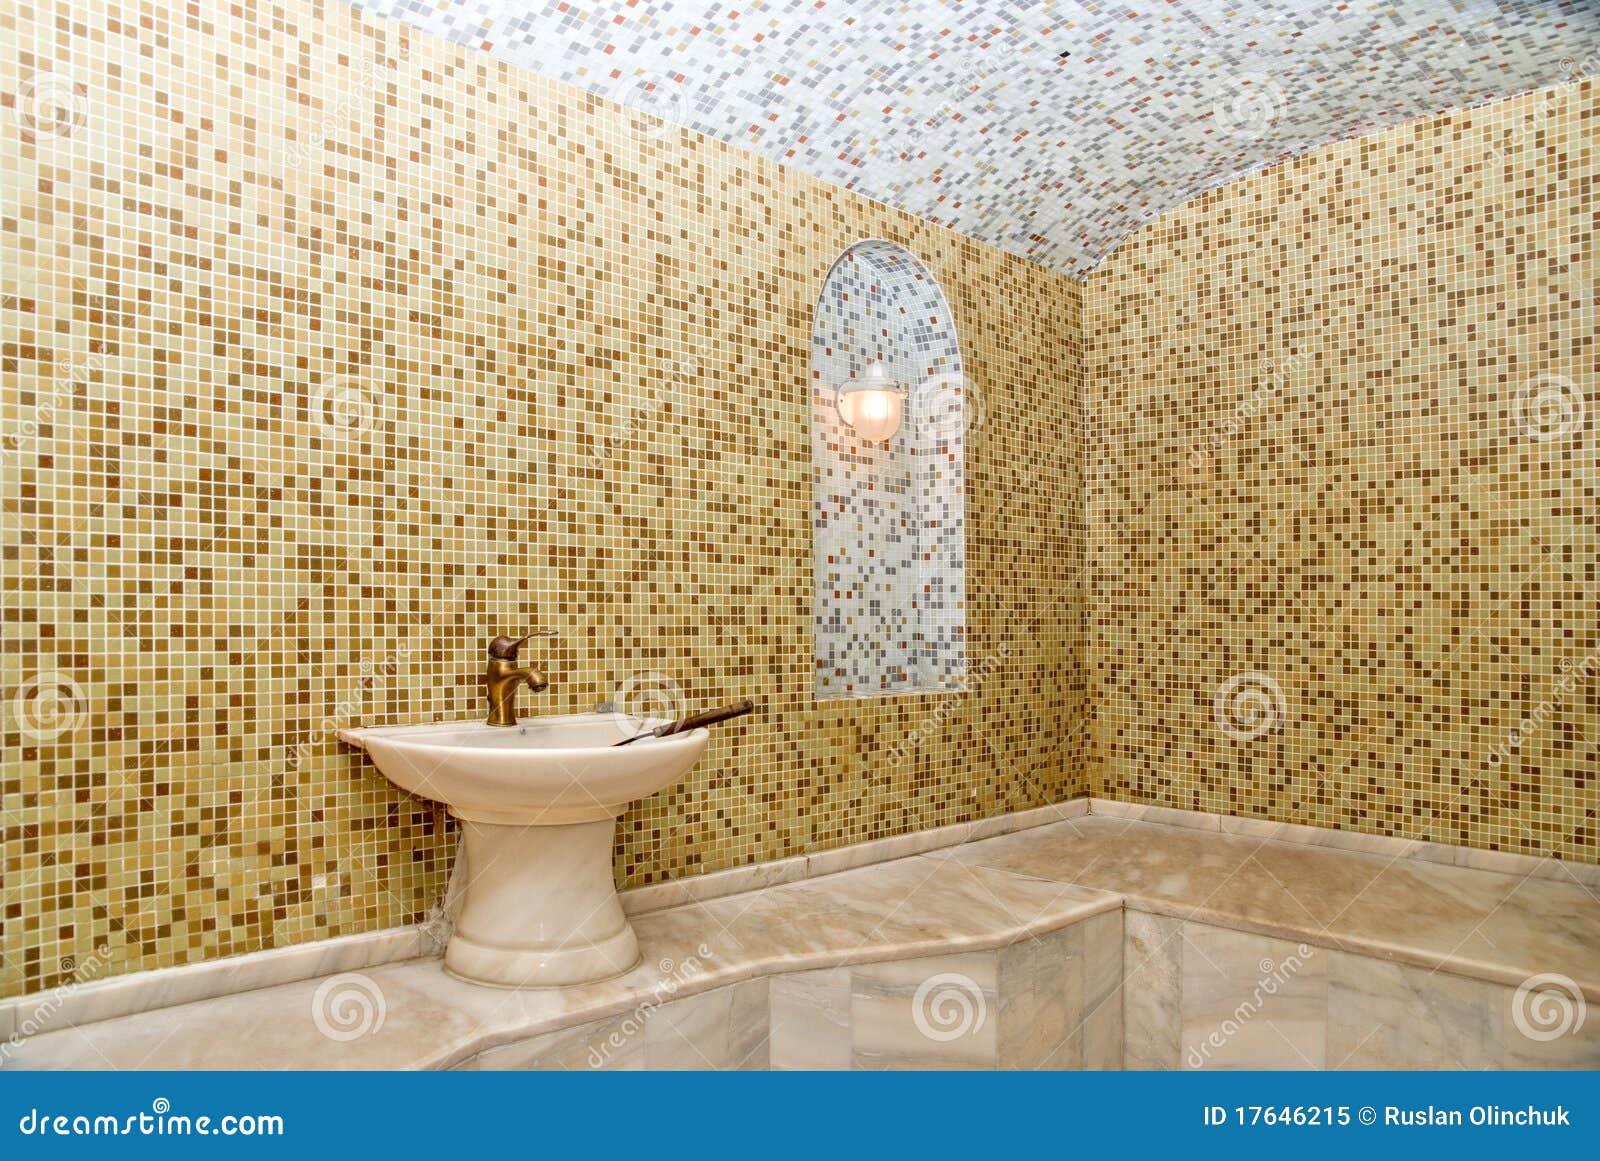 Ducha Con Baño Turco:Baño Turco Foto de archivo libre de regalías – Imagen: 17646215